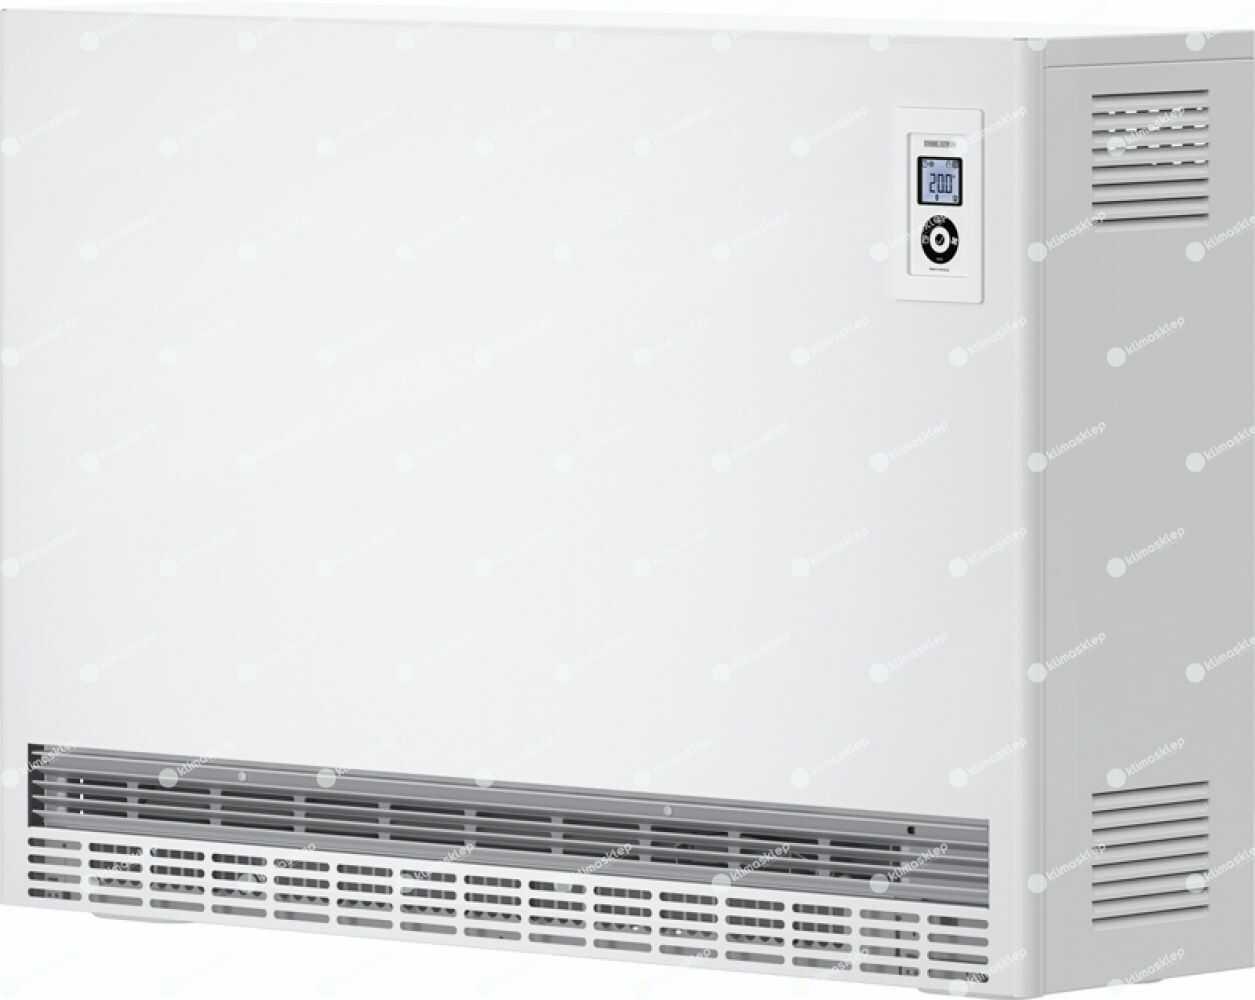 Piec akumulacyjny Stiebel Eltron SHF 5000 - dynamiczny